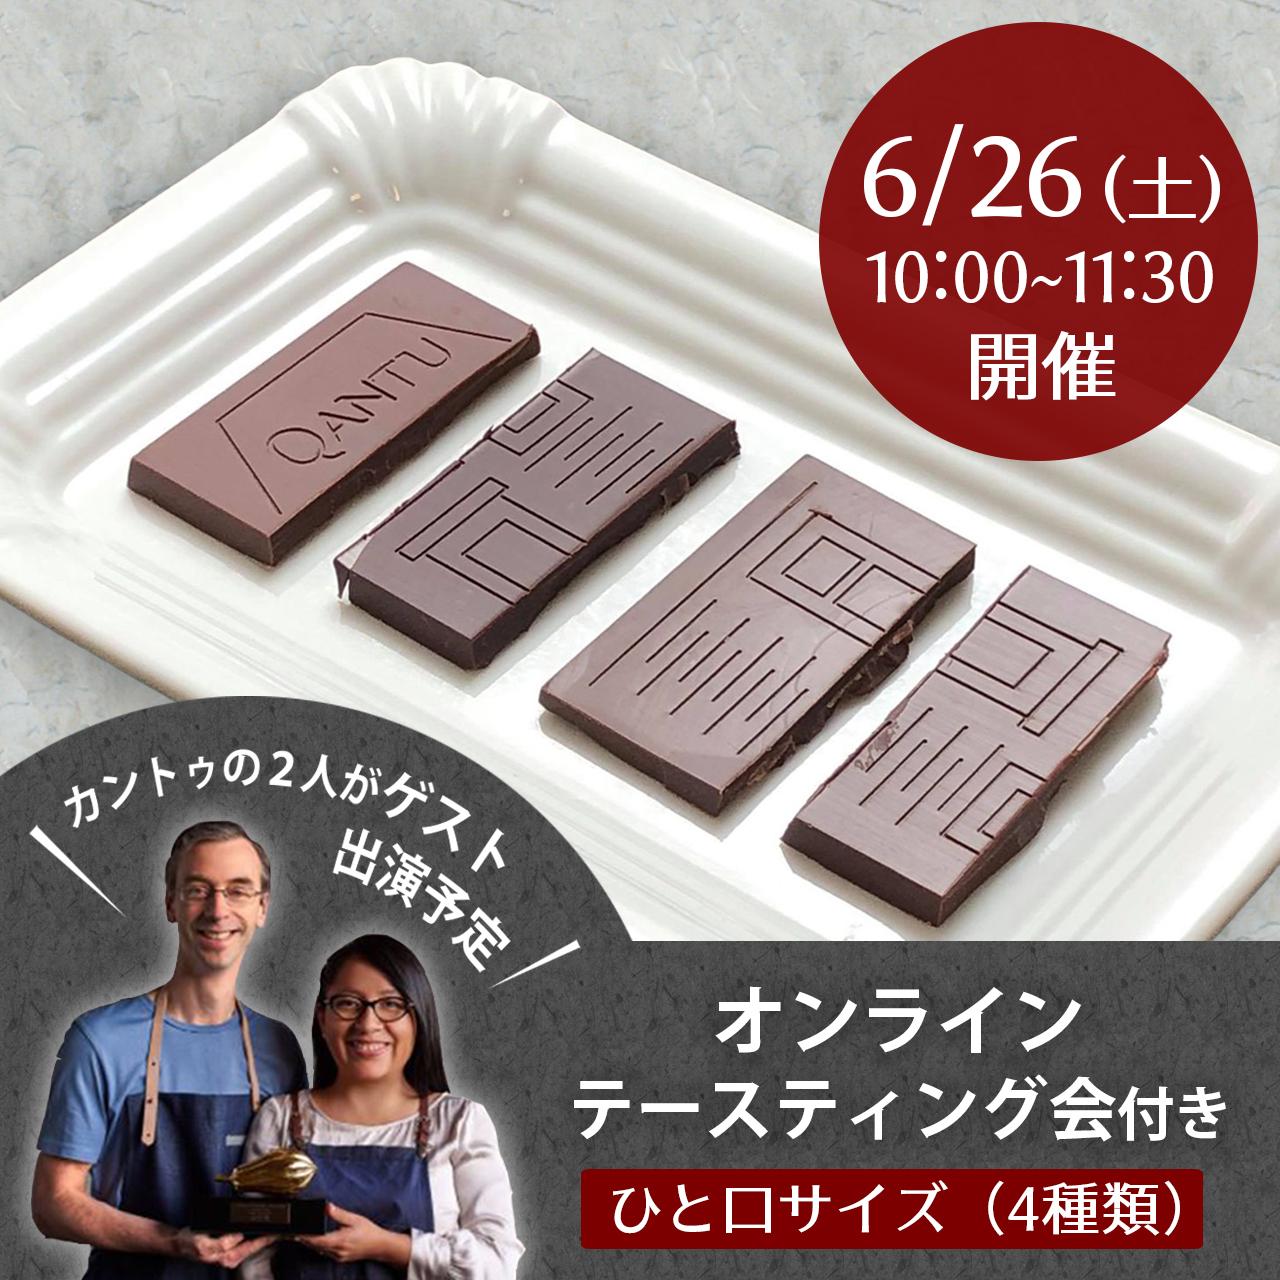 急遽決定!カントゥの2人とオンラインチョコレートテースティング会